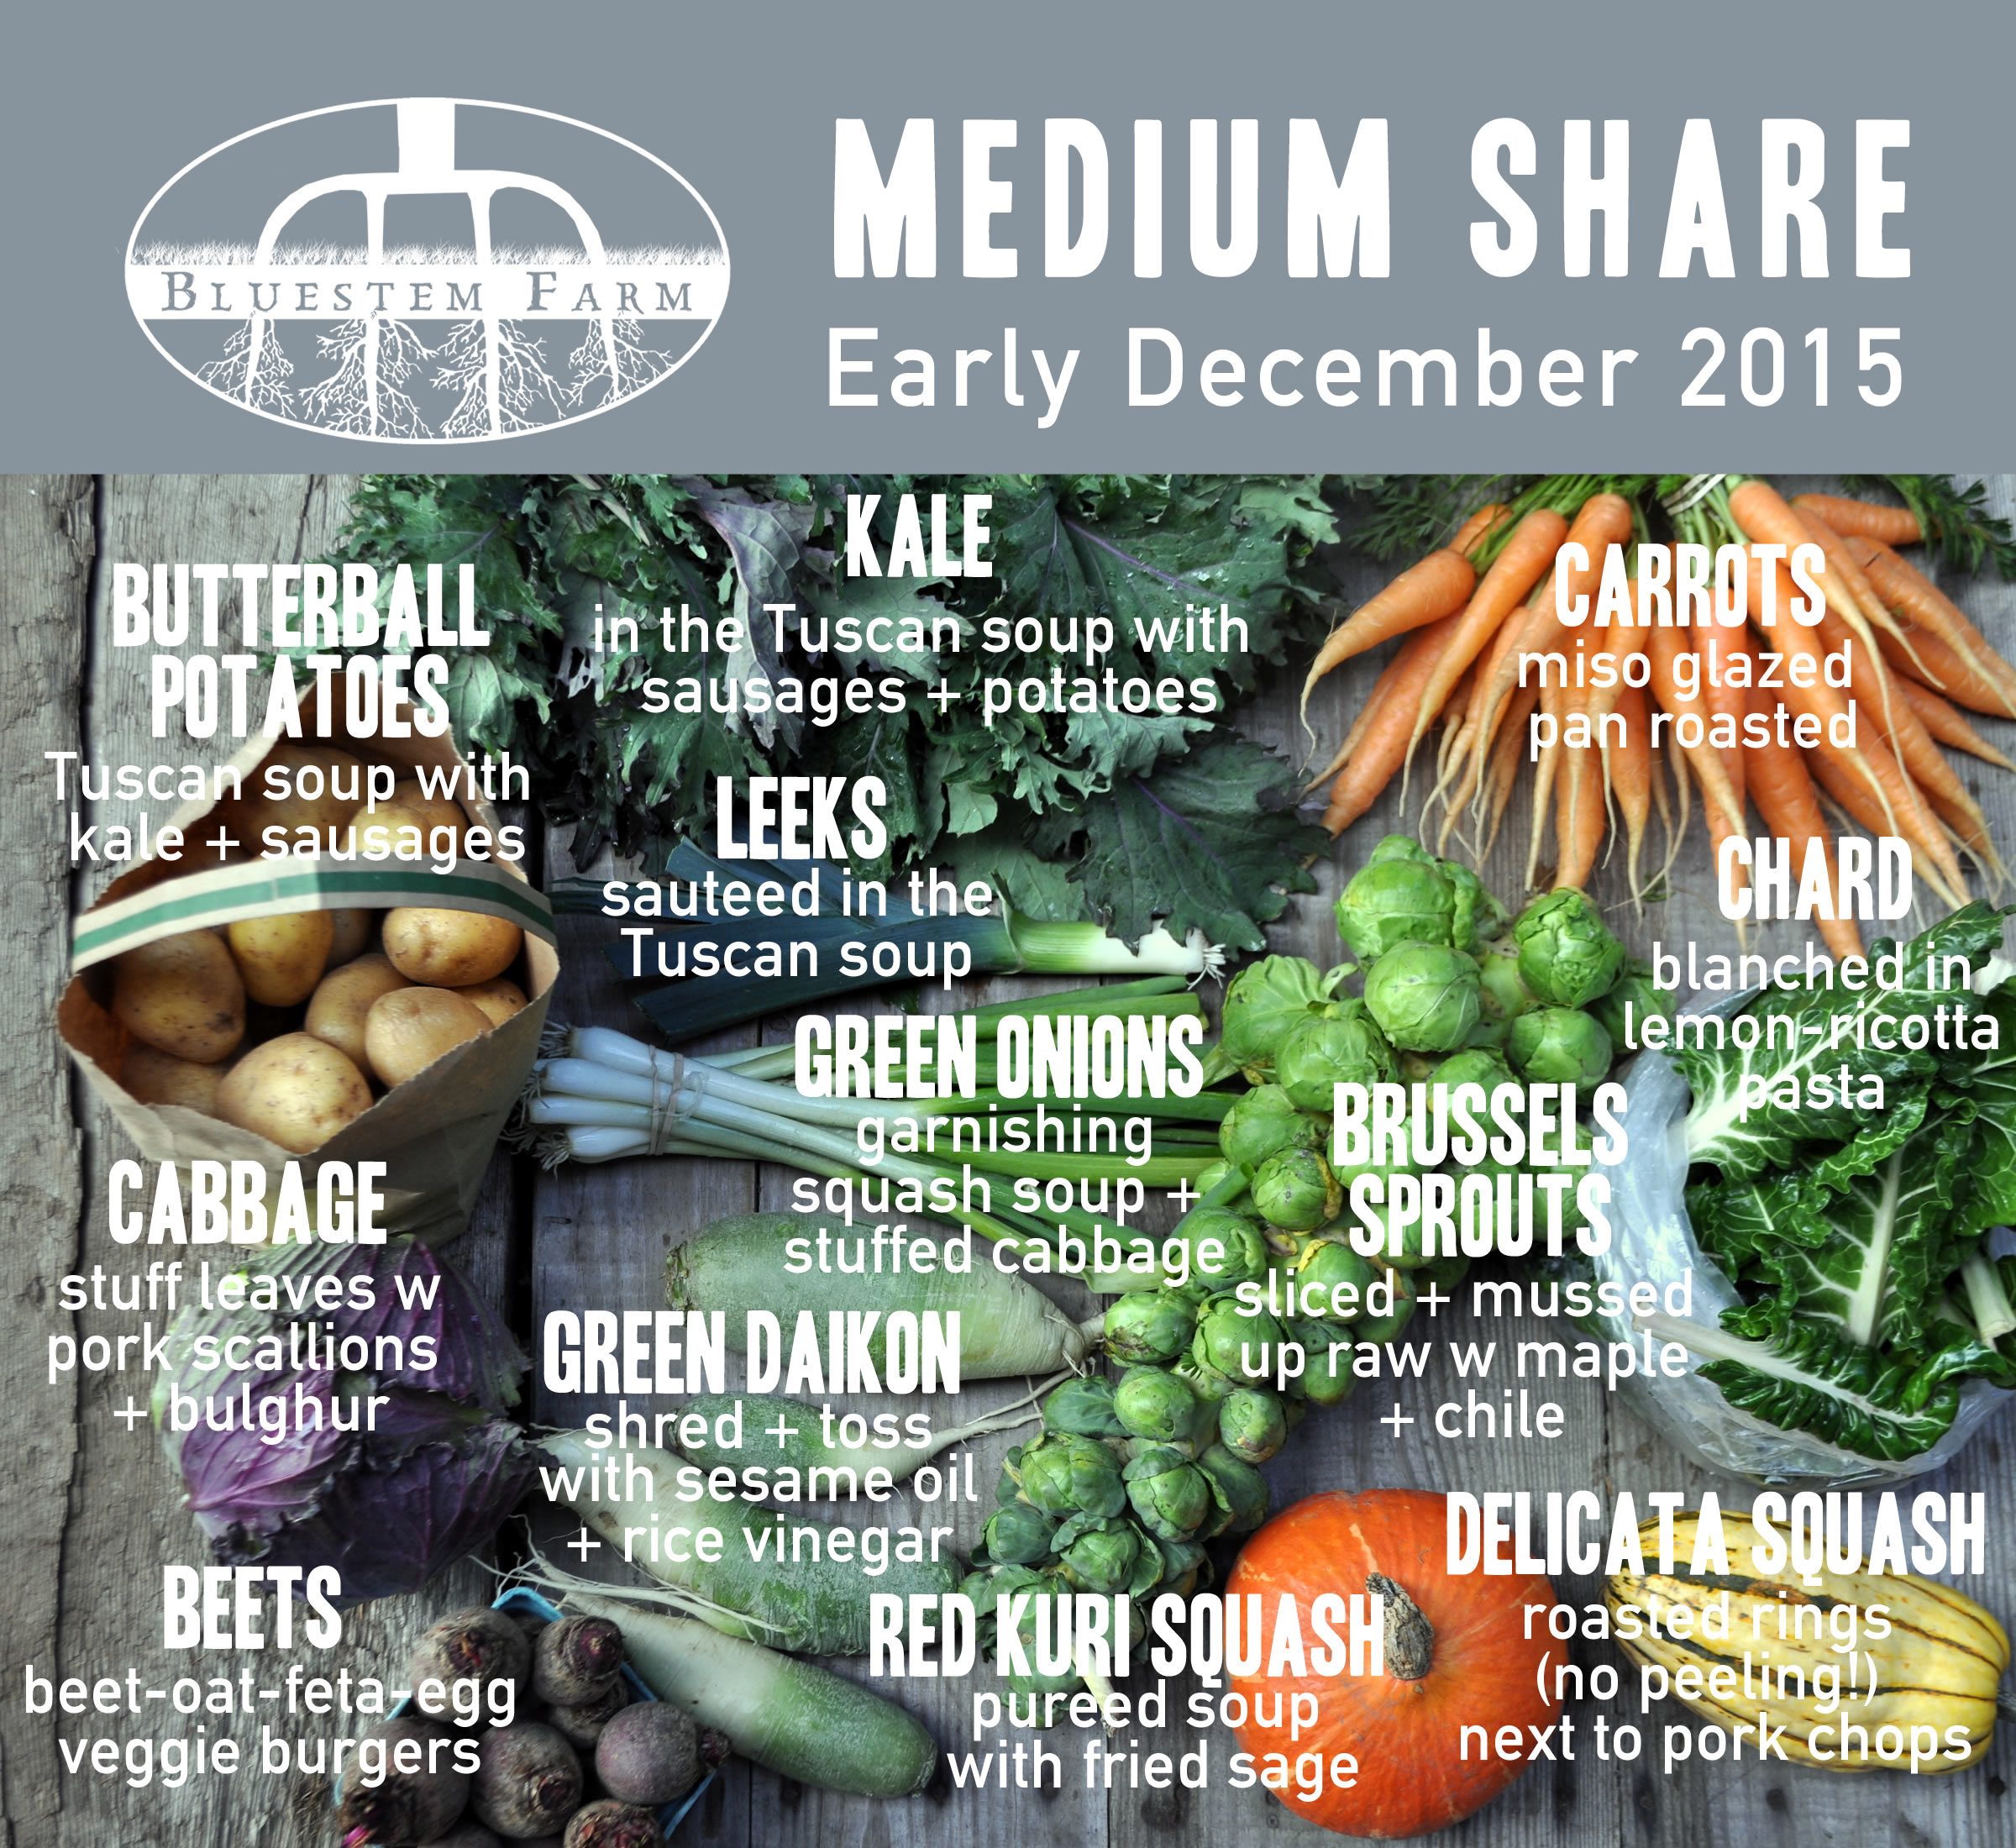 earlyDec Med 2015 - RECIPES.jpg